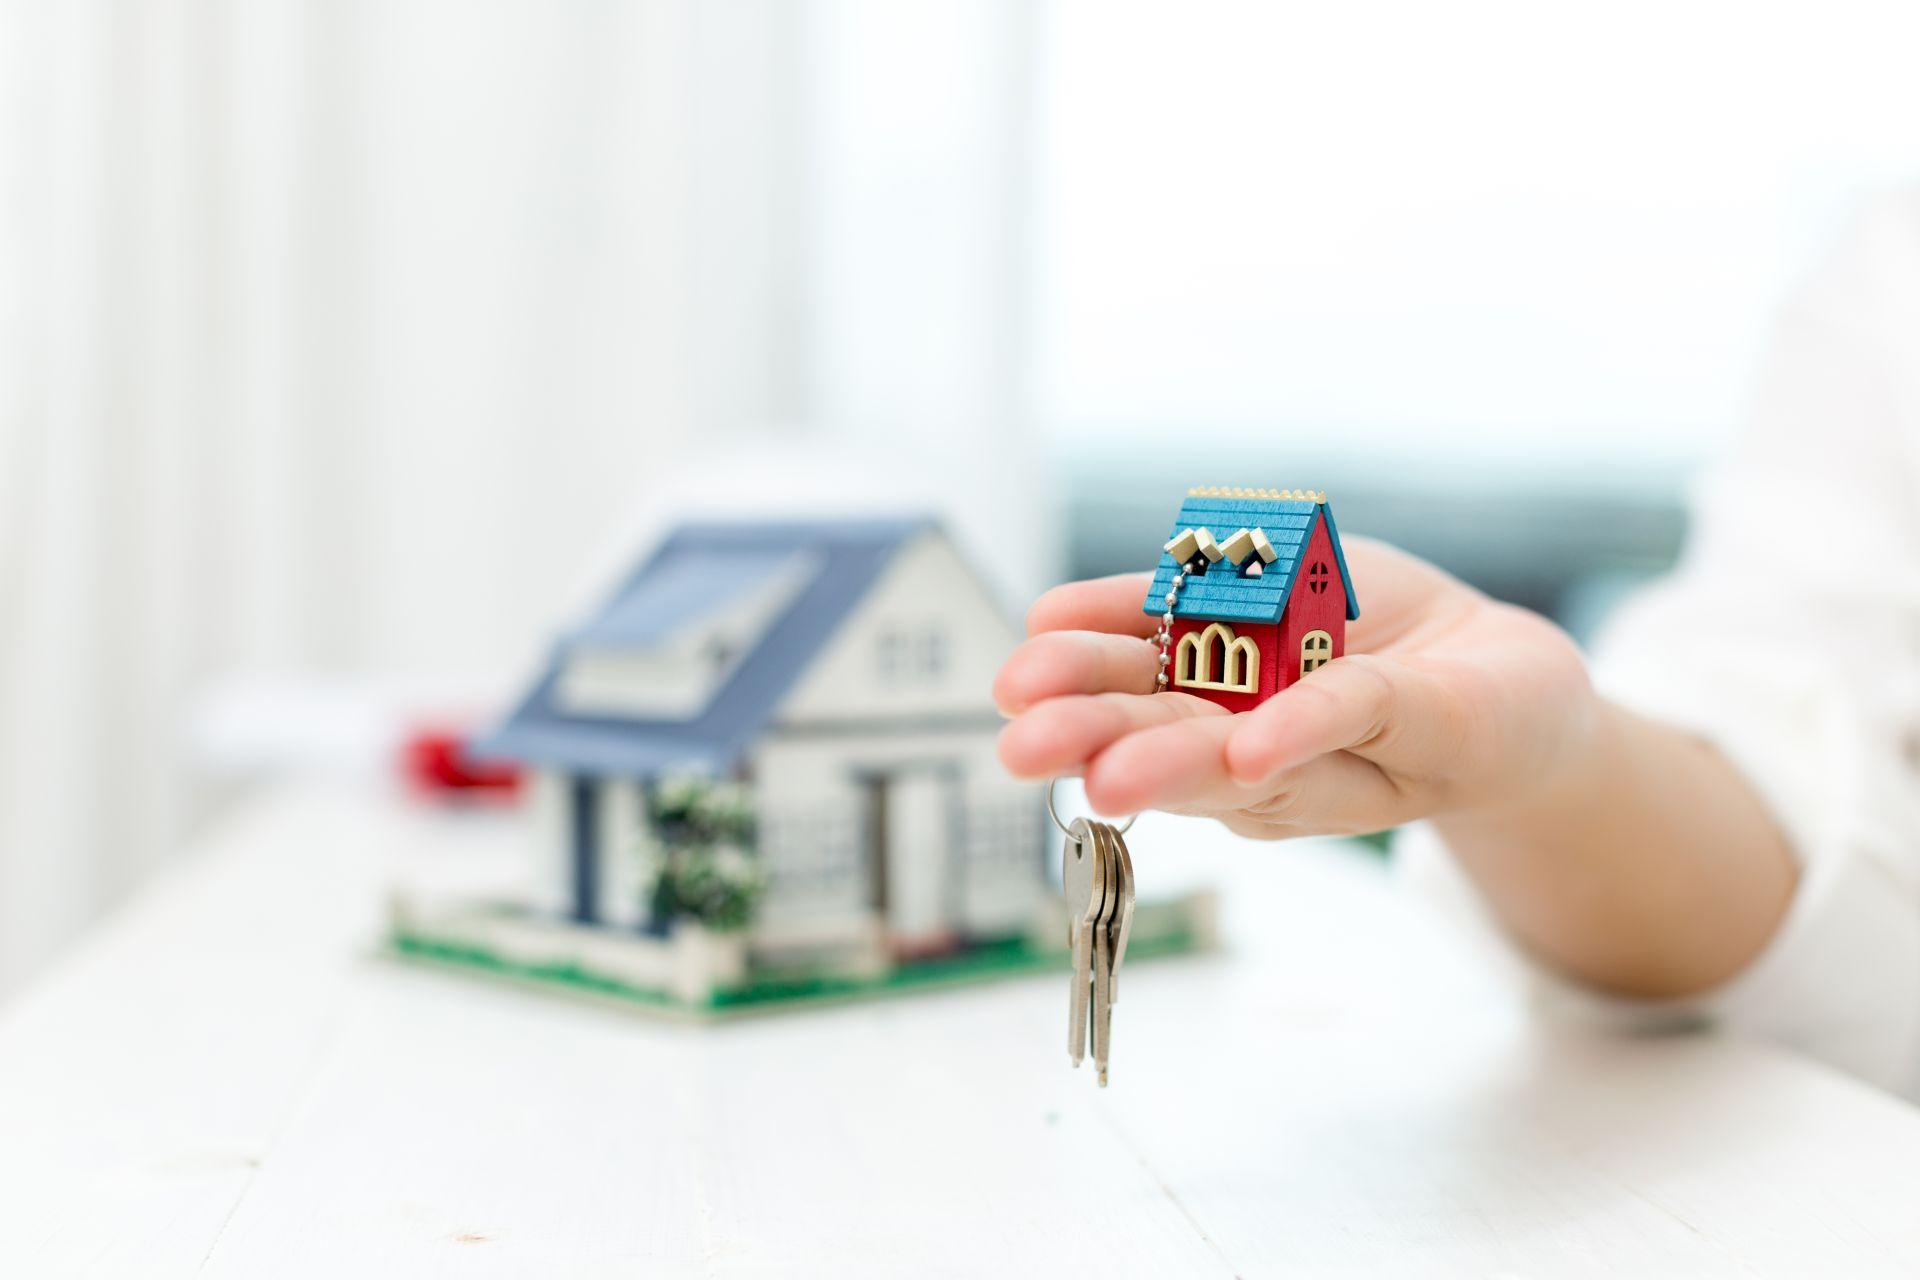 Elhagyott ingatlanok közcélra történő megvásárlása 2020